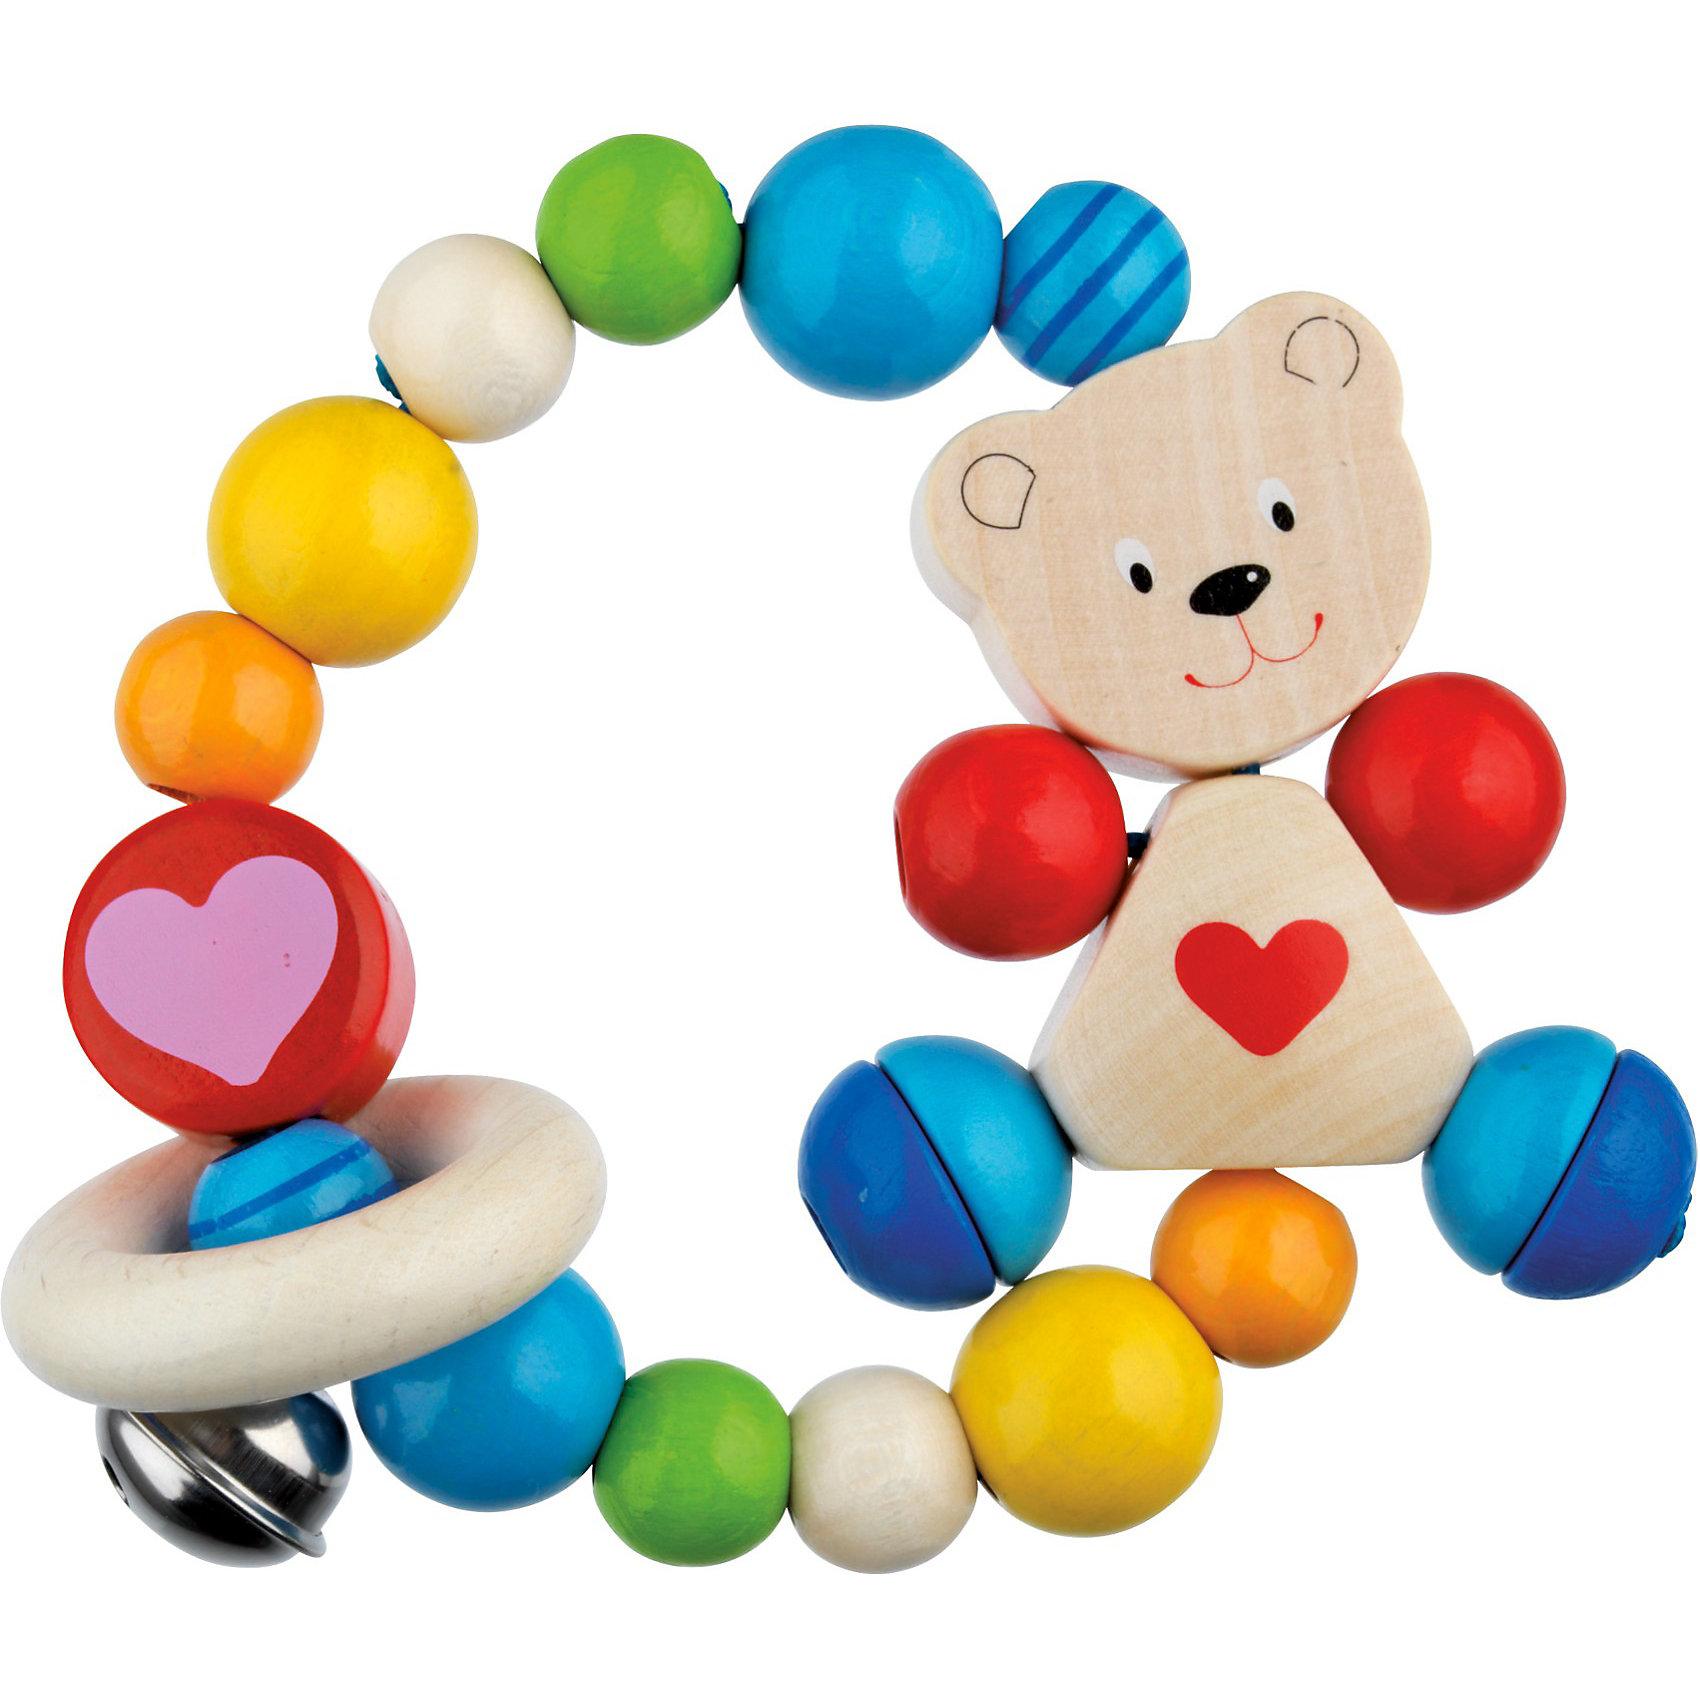 Игрушка-кольцо эластик Мишка с сердцем HEIMESSДеревянные игрушки очень полезны для малышей! Представляем игрушку, которая может стать находкой для мамочек младенцев: игрушка-кольцо эластик Мишка с сердцем от HEIMESS. В мячике, собранном из многочисленных деревянных бусин и колец, нанизанных на эластичный шнур, есть все для удовлетворения познавательных потребностей крошек: яркие цвета, разнообразные формы, возможность издавать звук. Благодаря занятиям с этой необычной погремушкой, у малышей развивается мелкая моторика, формируются причинно-следственные связи, развивается координация движений. Малыш будет стараться сам схватить игрушку, ведь деревянные бусины разного размера, фигурка мишки и колечки очень приятны на ощупь, а бубенчик издает приятный звон при движении. Древесина высокого качества обладает антибактериальным эффектом, и потому изготовители рекомендуют обрабатывать игрушку теплой водой без применения мыла. <br><br>Дополнительная информация:<br><br>- Игрушка причудливой формы состоит из разноцветных шариков разного размера, колечка, фигурки мишки и бубенчика;<br>- Игрушка идеальна для развития мелкой моторики;<br>- Материал: дерево, безопасные краски;<br>- Приятные цвета;<br>- Игрушка очень удобна для маленьких ручек;<br>- Безопасная игрушка для самых маленьких;<br>- Диаметр: 8,5 см;<br>- Вес: 39 г<br><br>Игрушку-кольцо эластик Мишка с сердцем, HEIMESS можно купить в нашем интернет-магазине.<br><br>Ширина мм: 85<br>Глубина мм: 85<br>Высота мм: 85<br>Вес г: 39<br>Возраст от месяцев: 0<br>Возраст до месяцев: 24<br>Пол: Унисекс<br>Возраст: Детский<br>SKU: 3777801